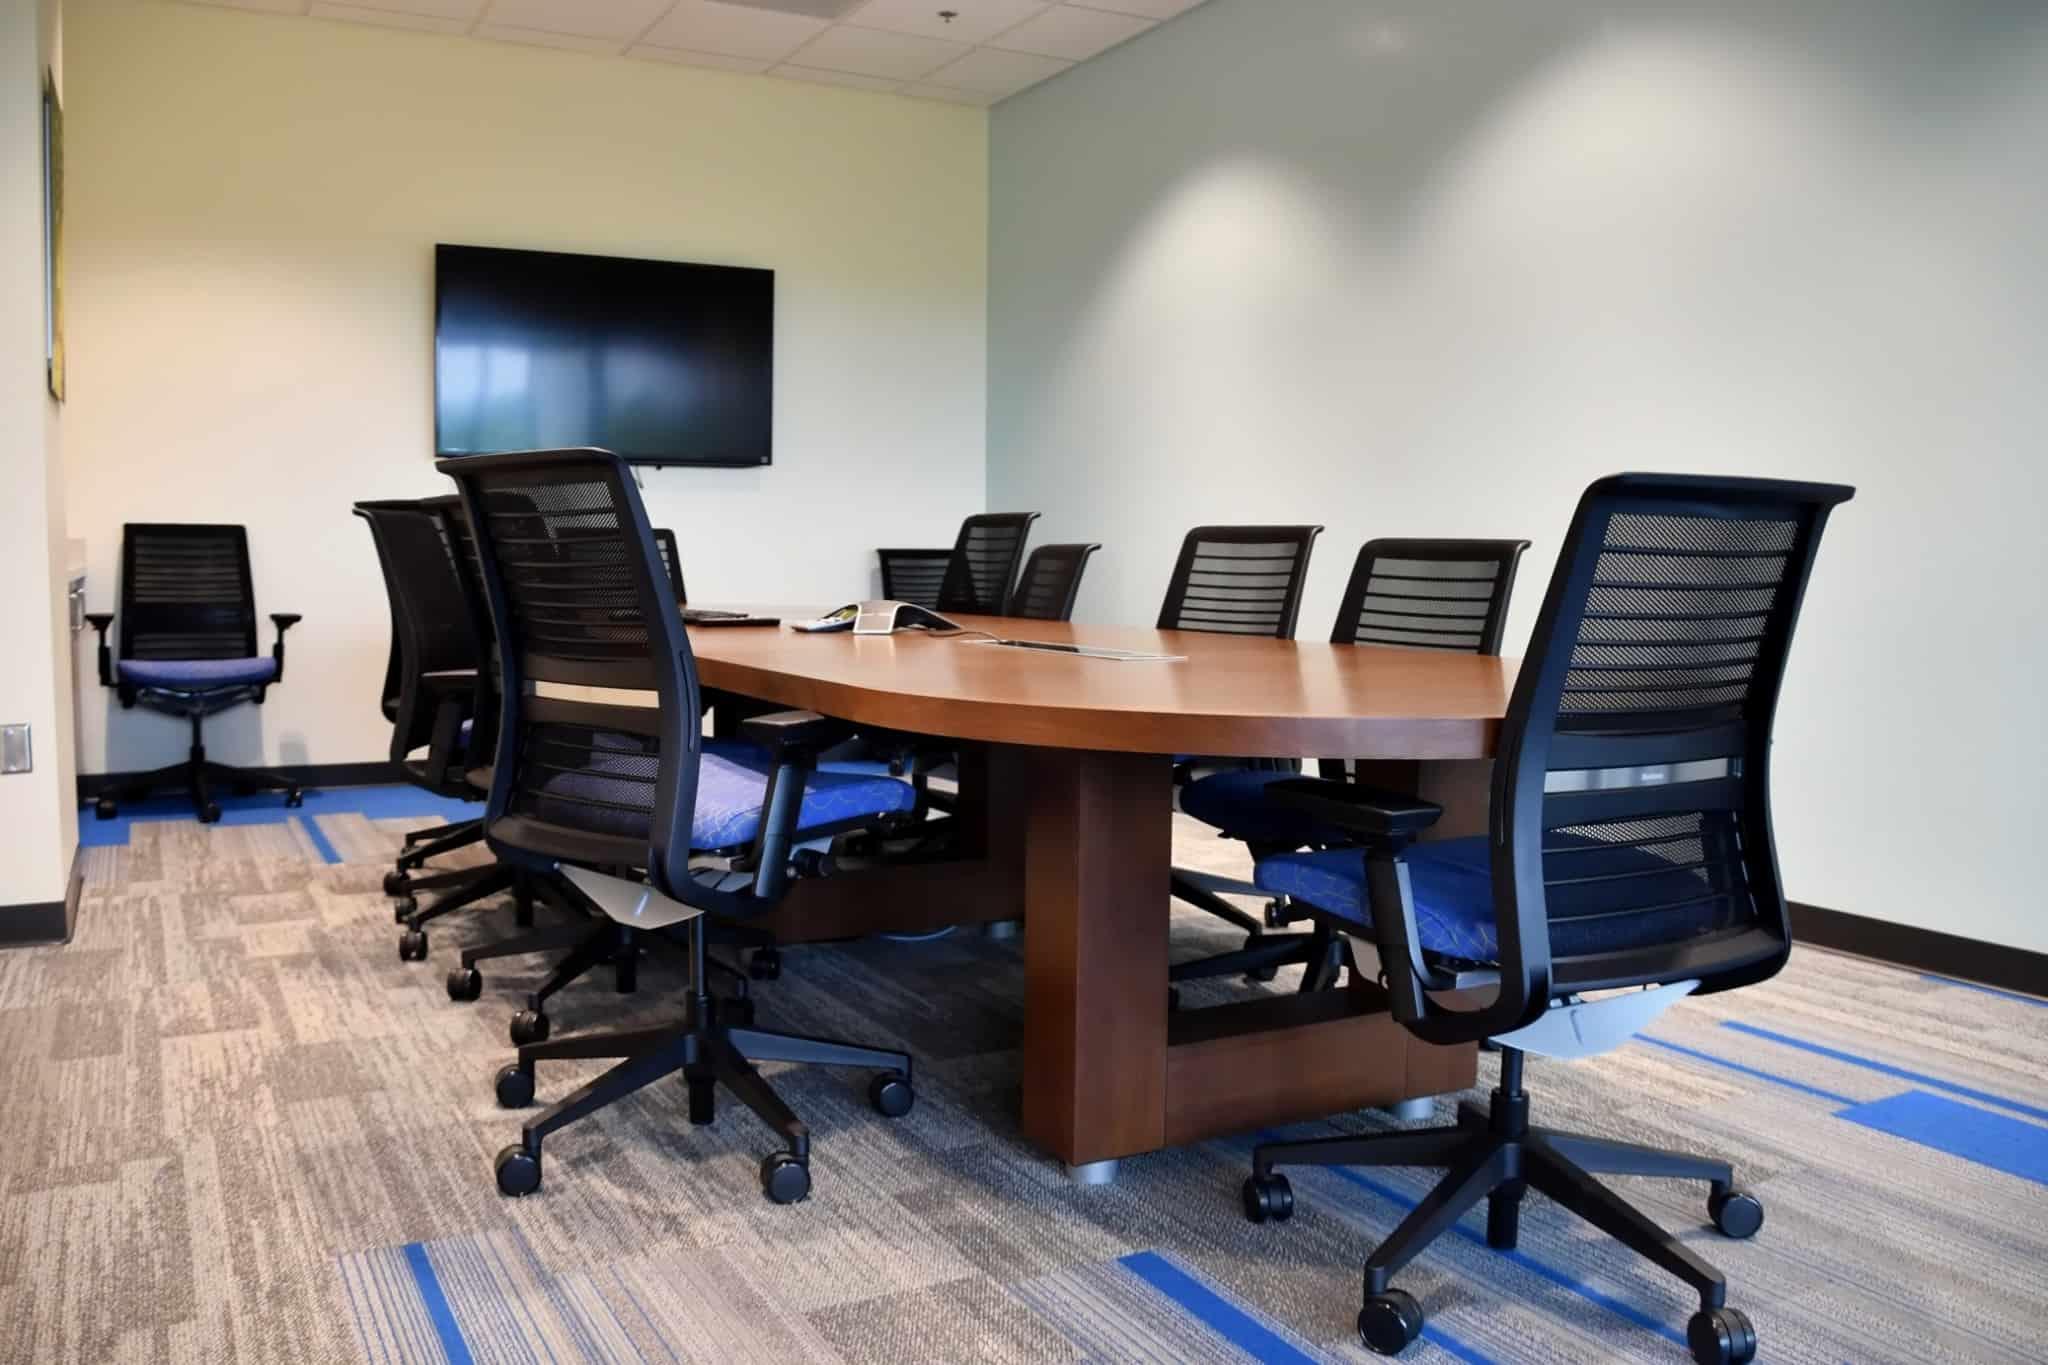 sala de reuniões com cadeiras pretas à volta da mesa